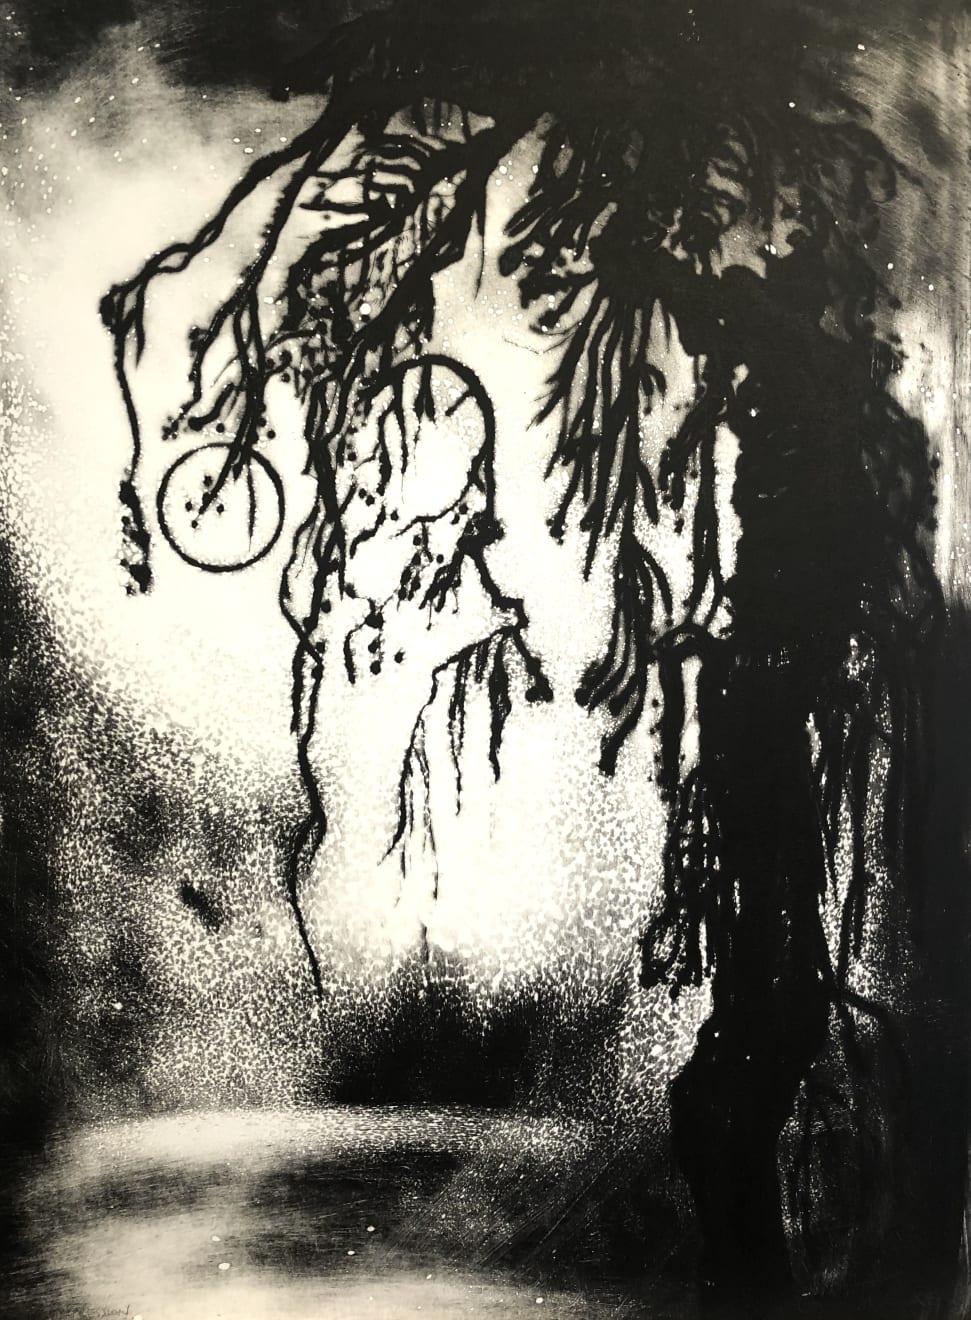 Edward Twohig, Vecchio Salice Piangente, Bacchiglione, Padova, Italia. (Old Weeping Willow), 2019